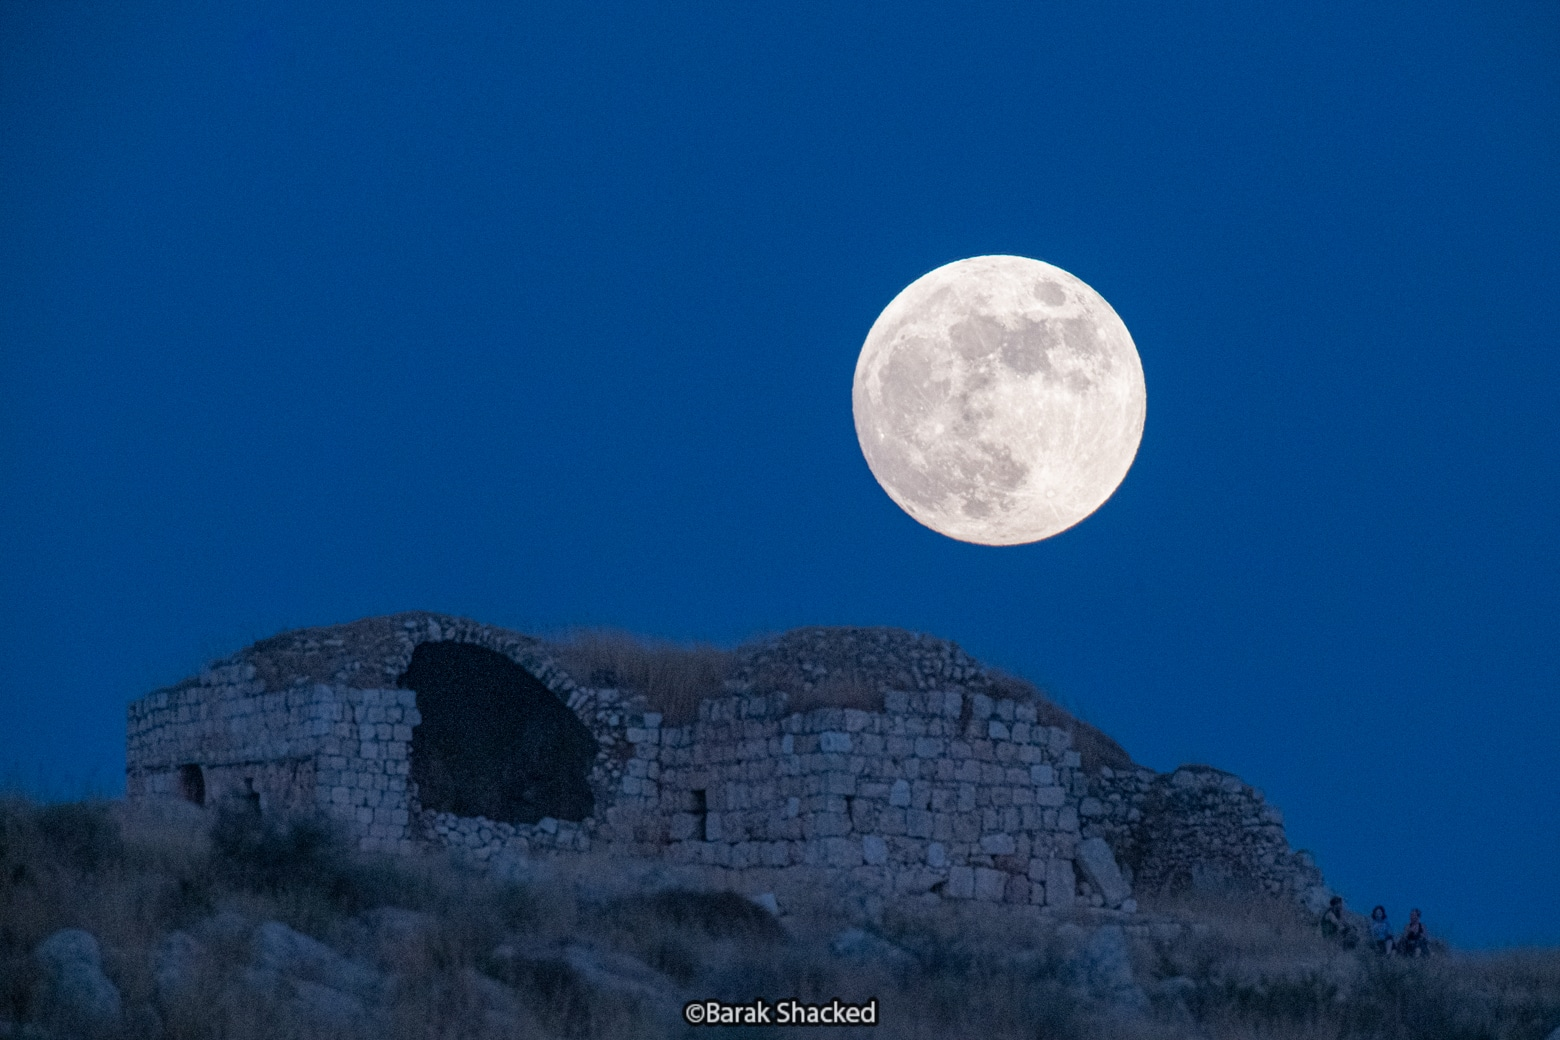 צילום מתוך סדנת צילום ירח